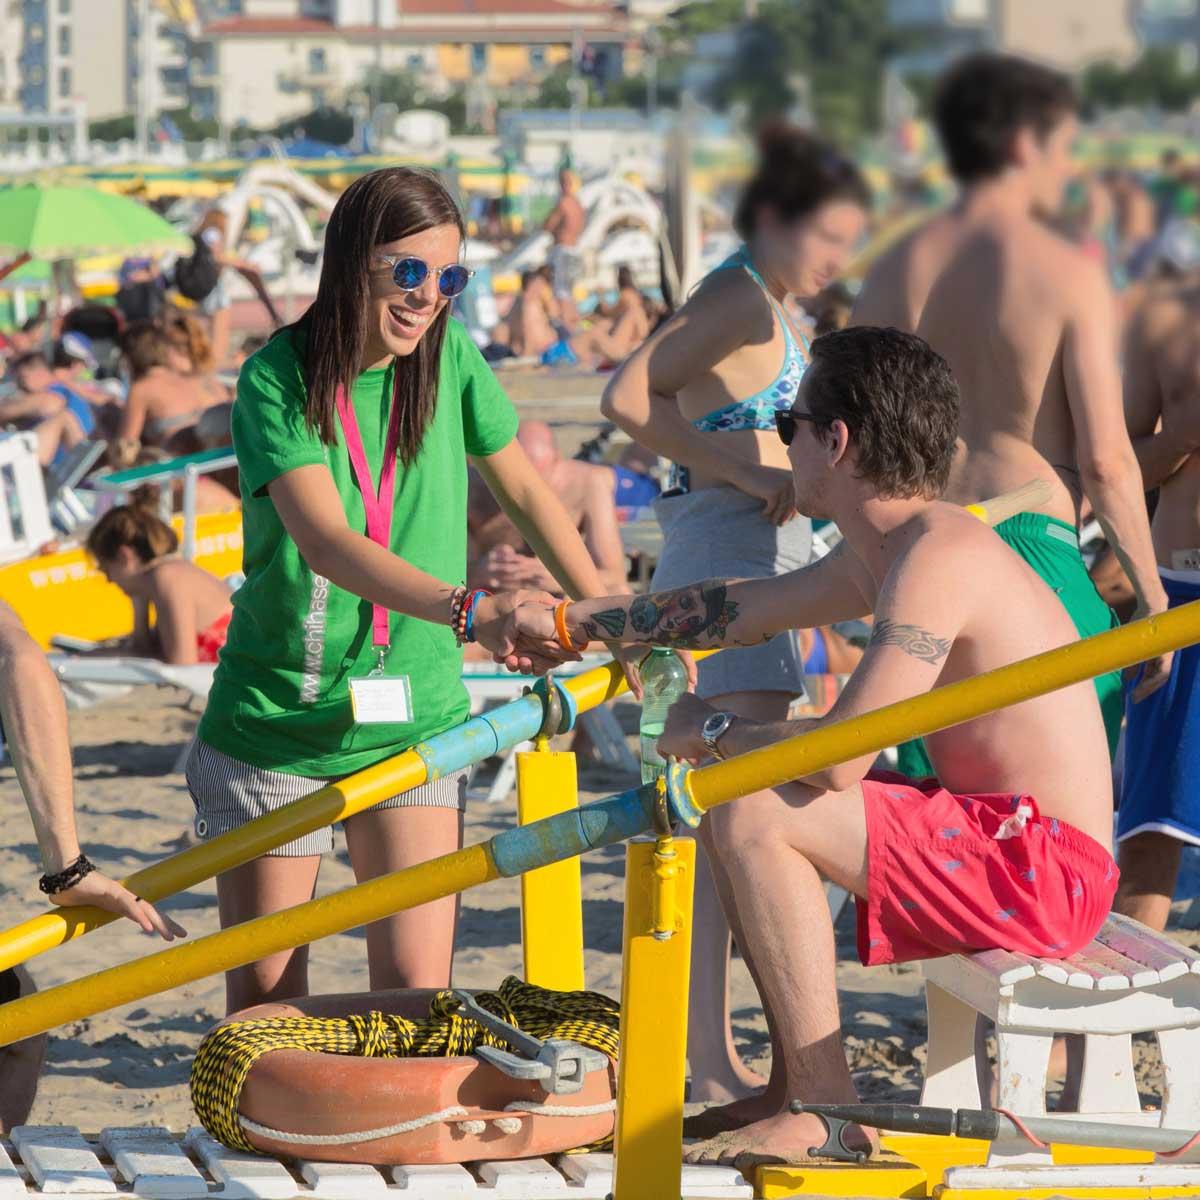 ragazza che evangelizza in spiaggia